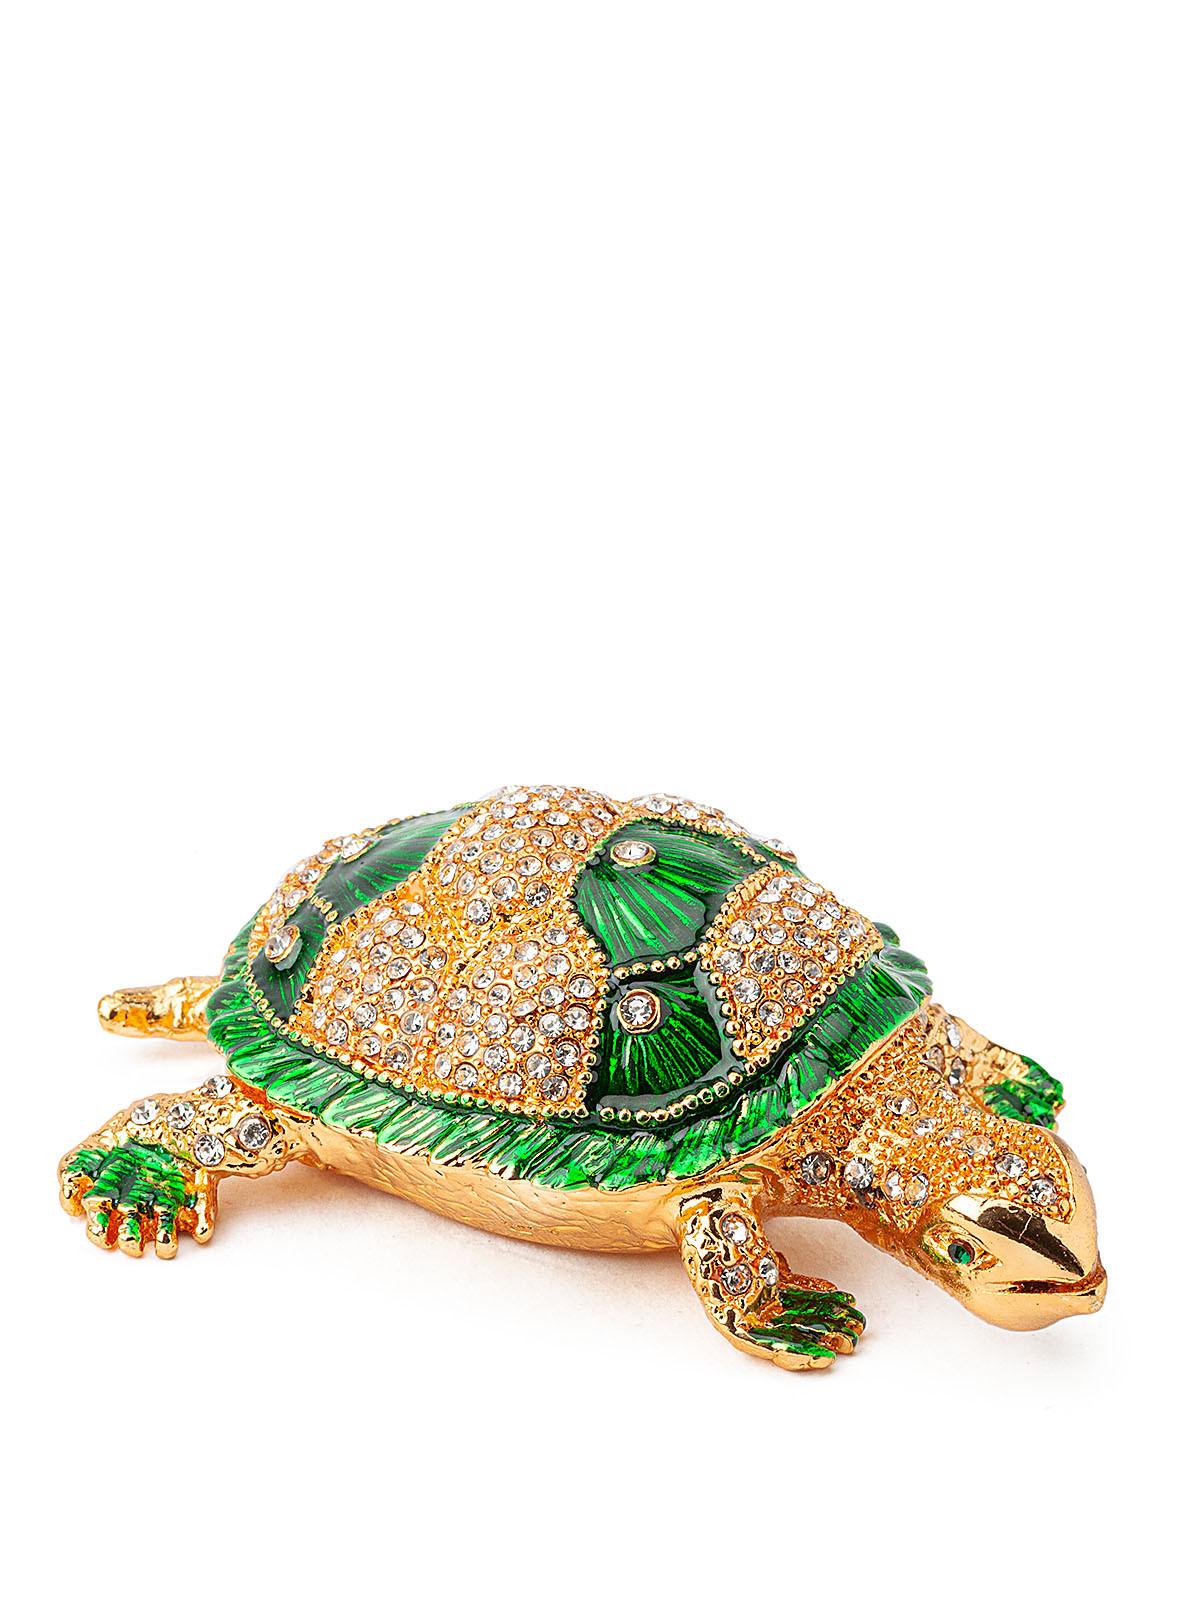 Шкатулка для украшений Черепаха S-4792 зеленый